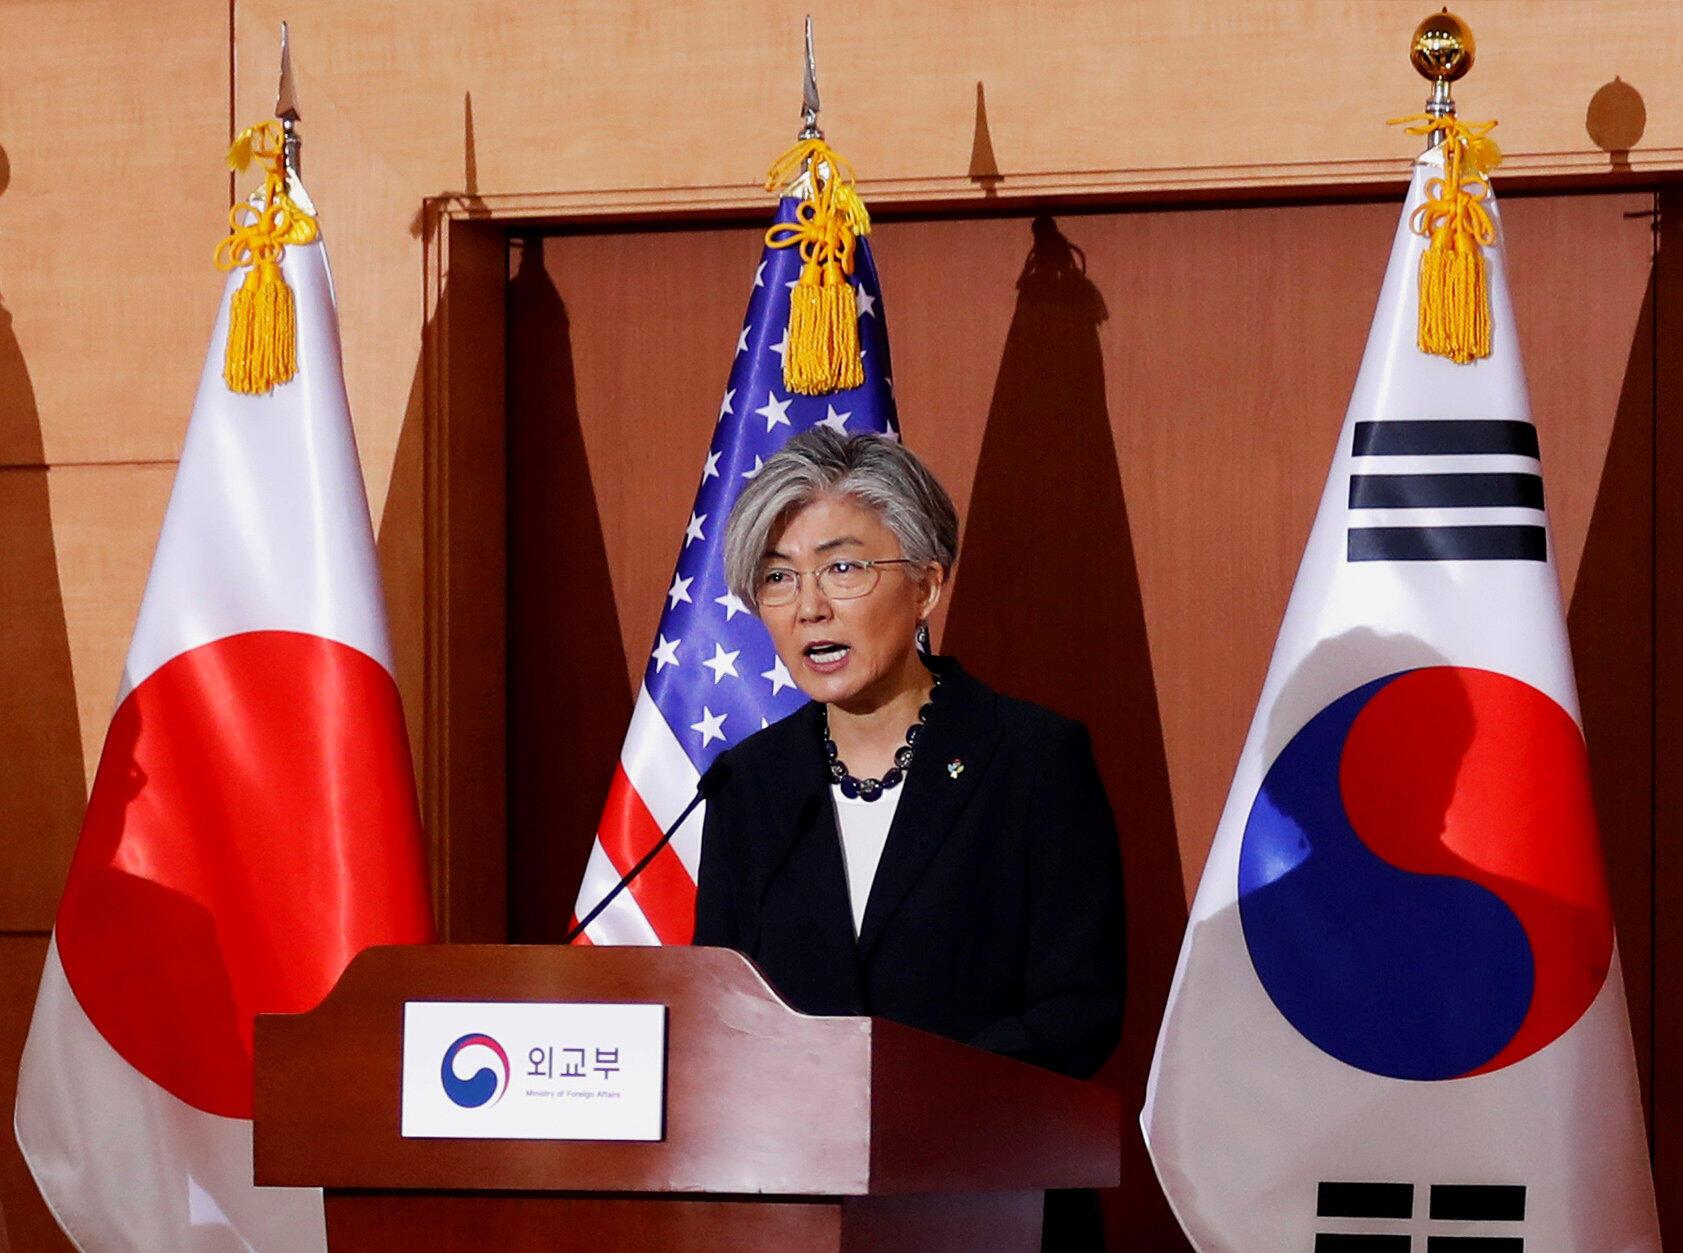 Kang Kyung Wha, ngoại trưởng Hàn Quốc trong cuộc họp báo tại Seoul ngày 14/06/2018.